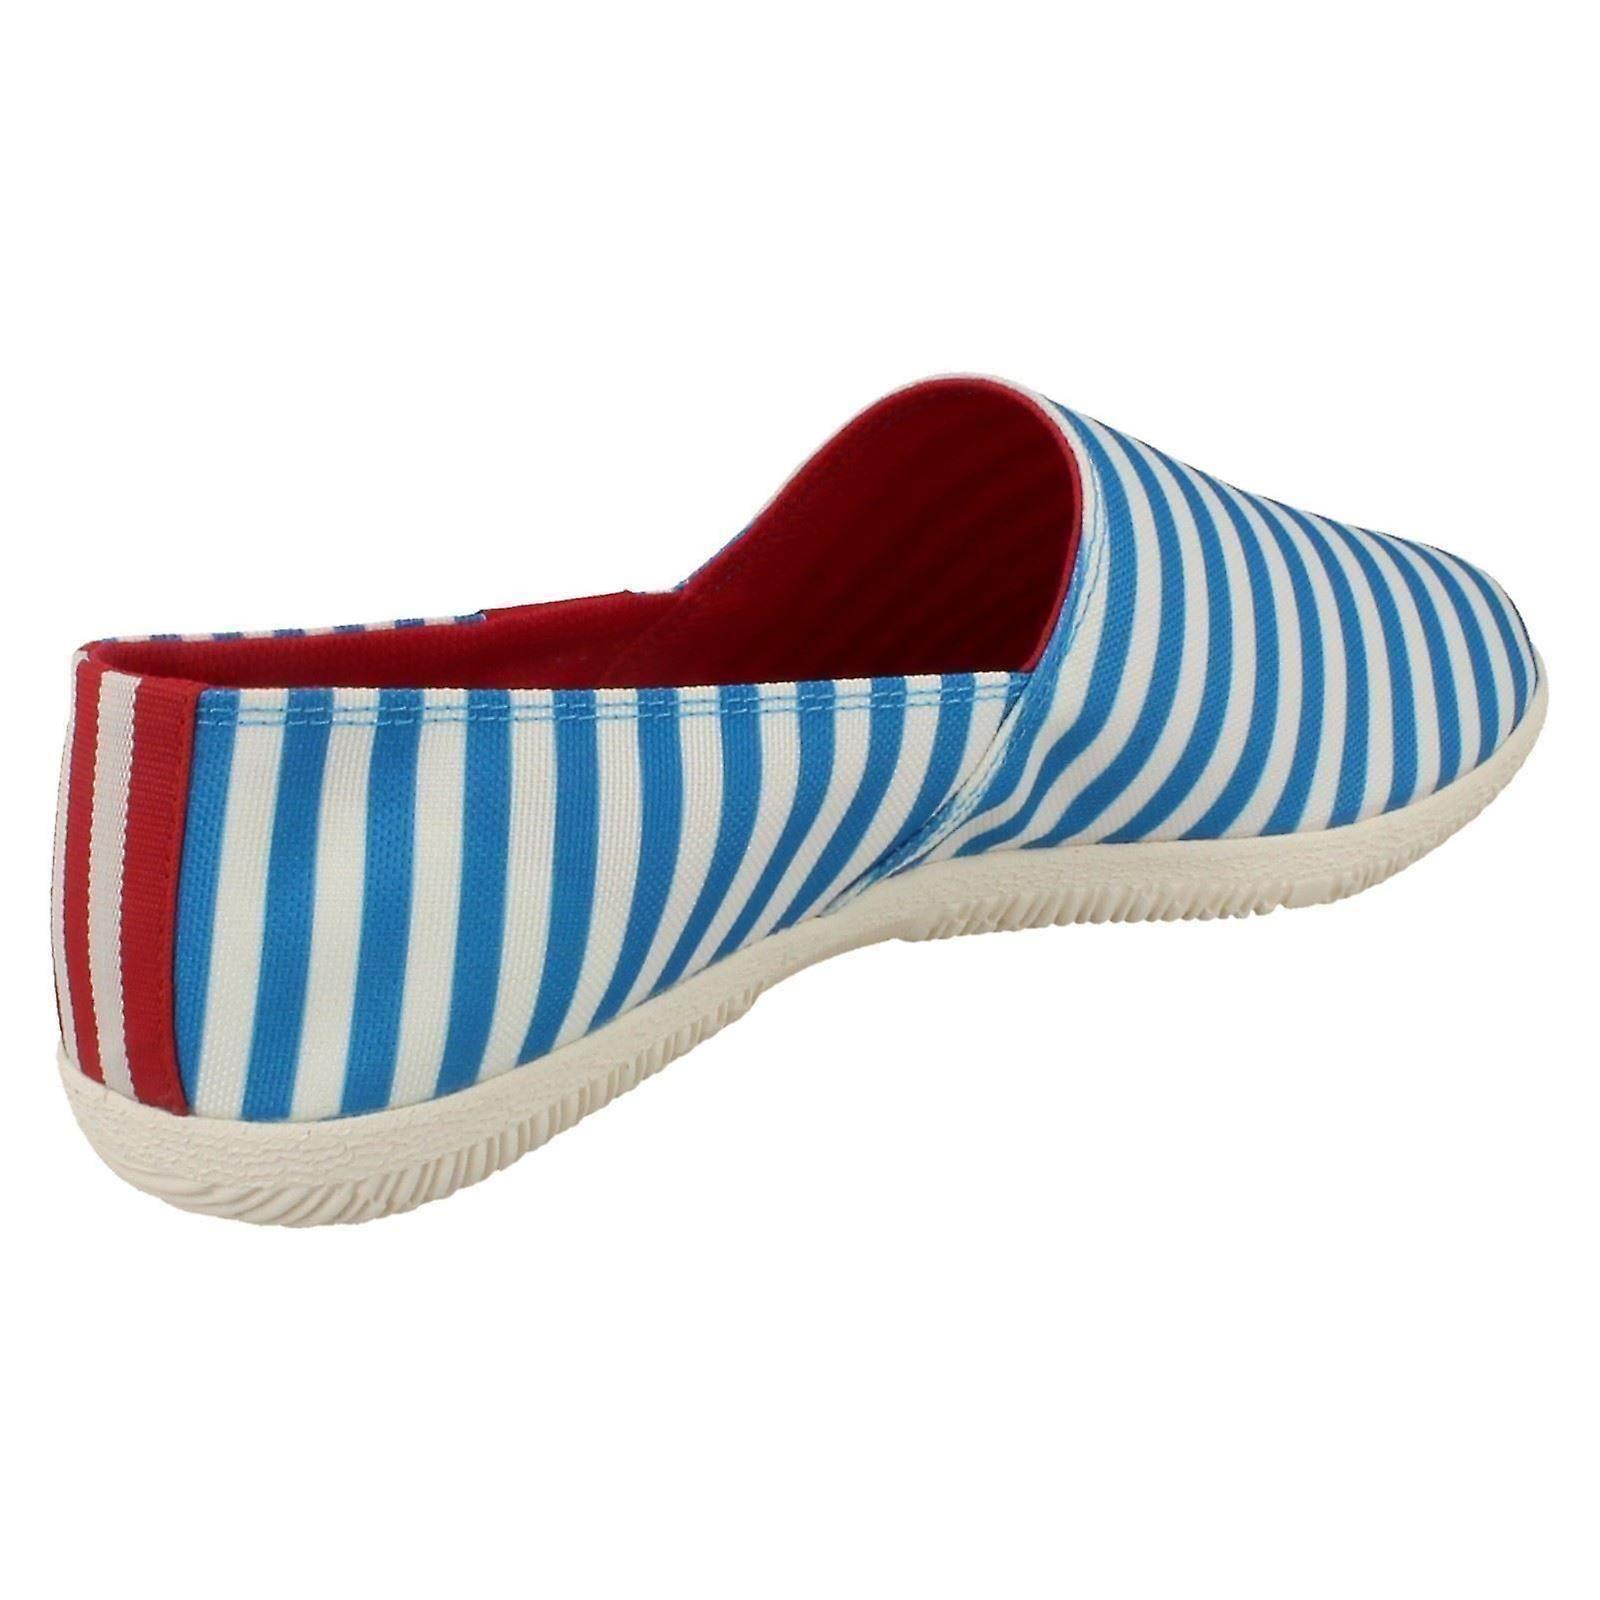 2e9d90d1f6c3 Mens Adidas Canvas Pumps Adidrill